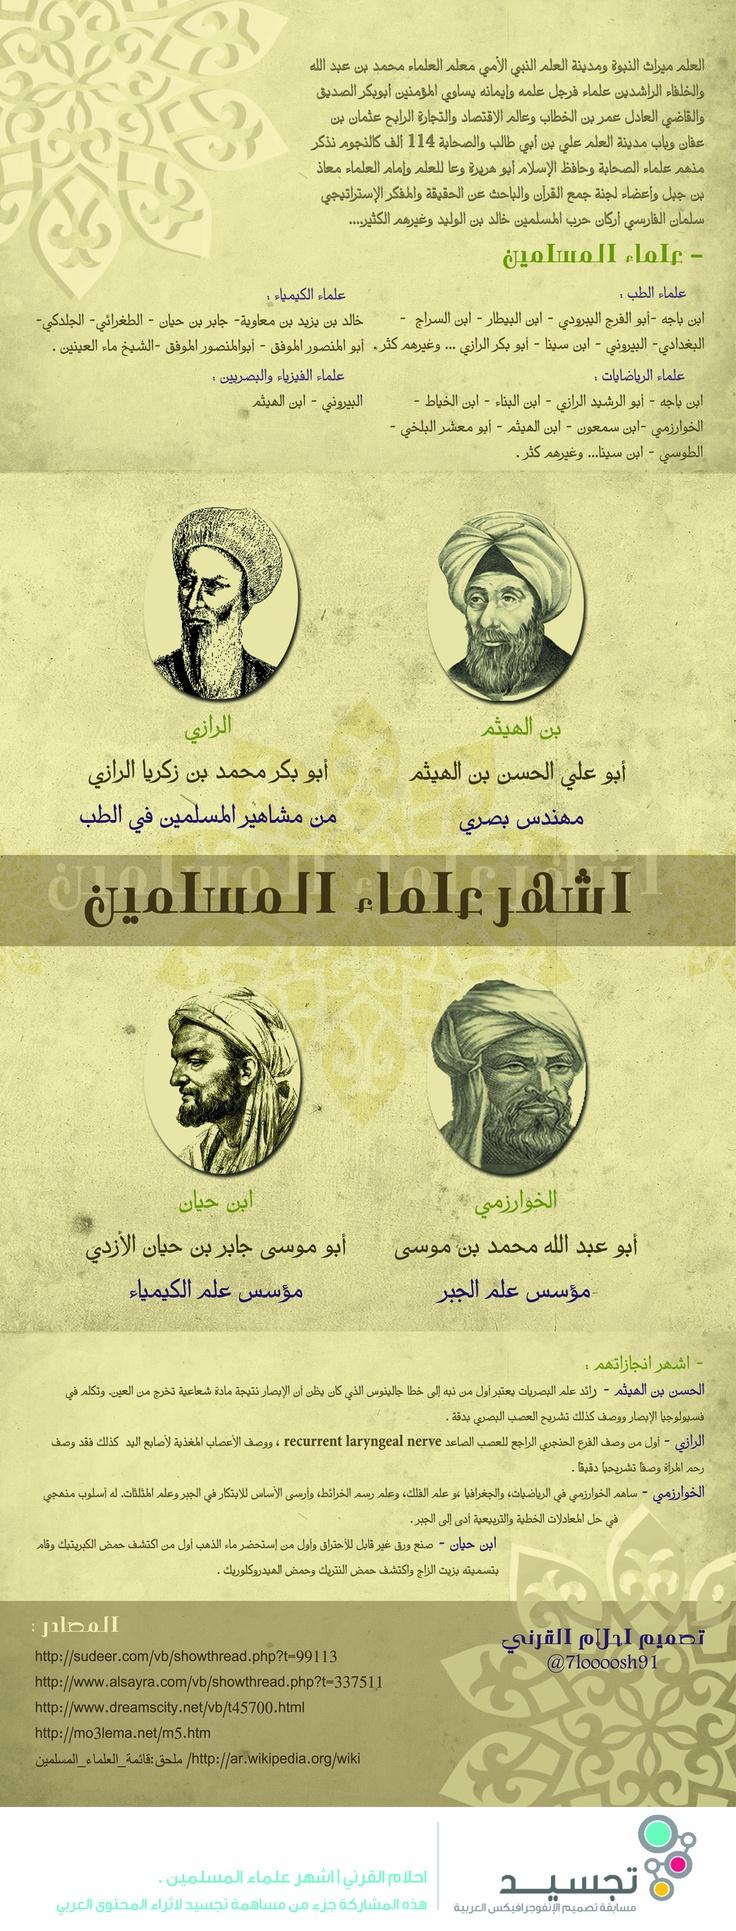 أشهر علماء المسلمين